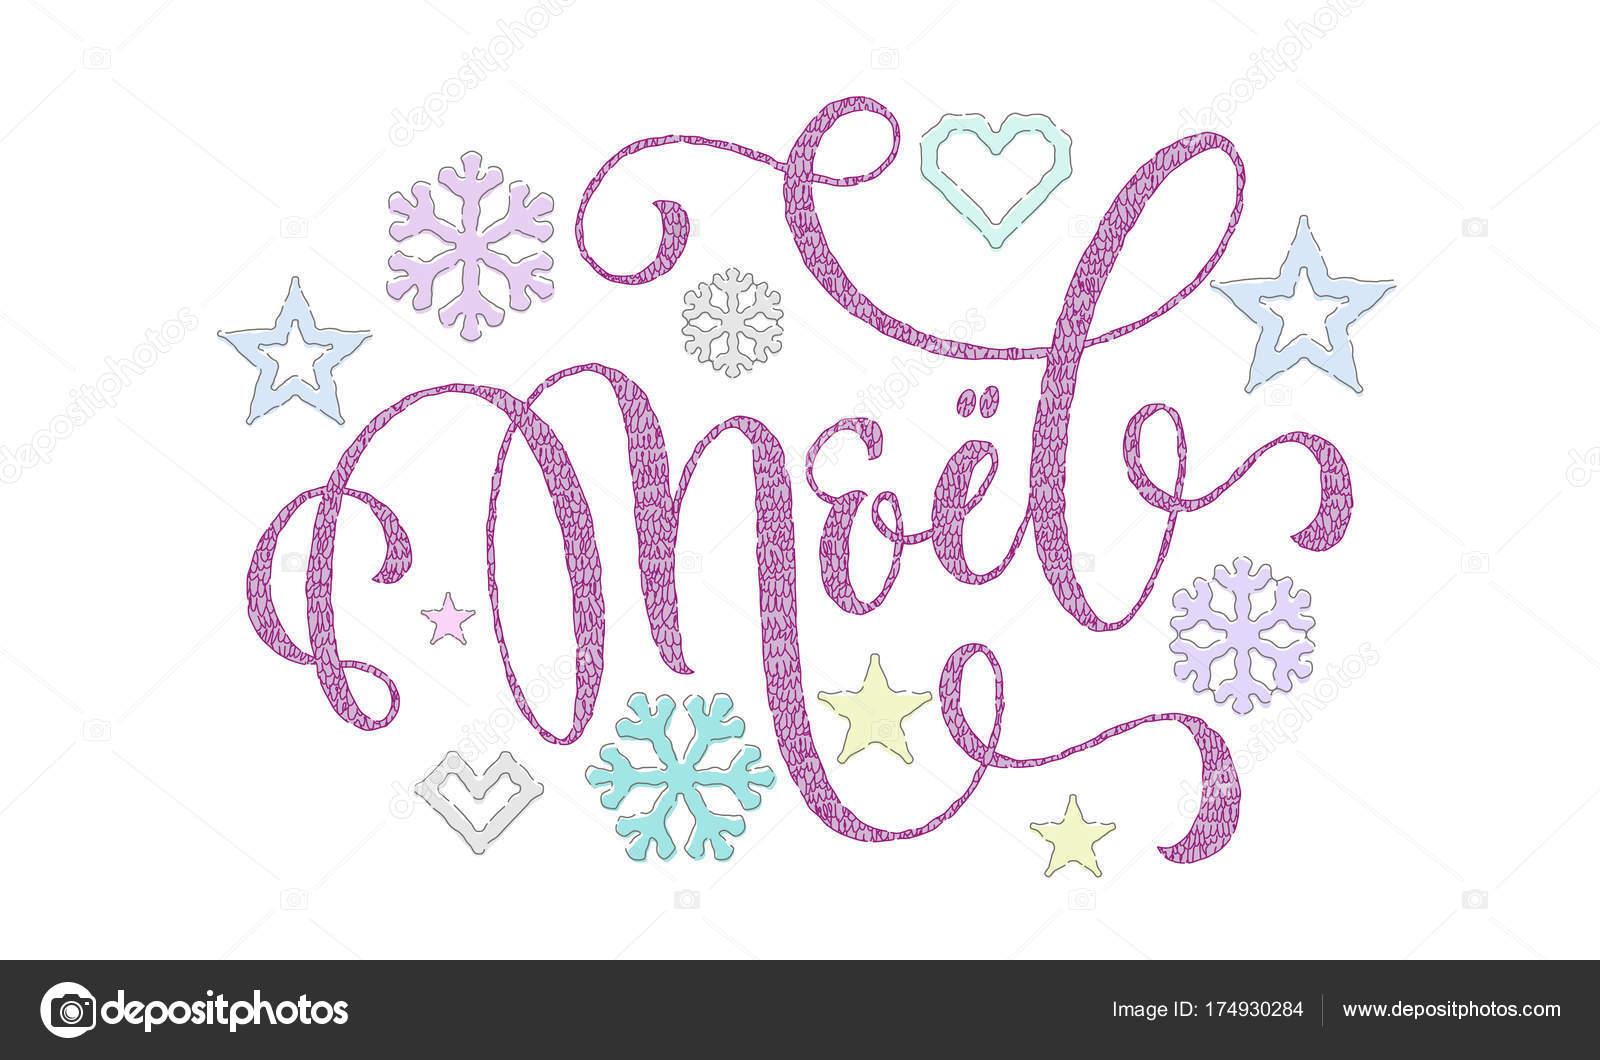 Joyeux Noel Französisch Frohe Weihnachten gestrickt Kalligraphie ...